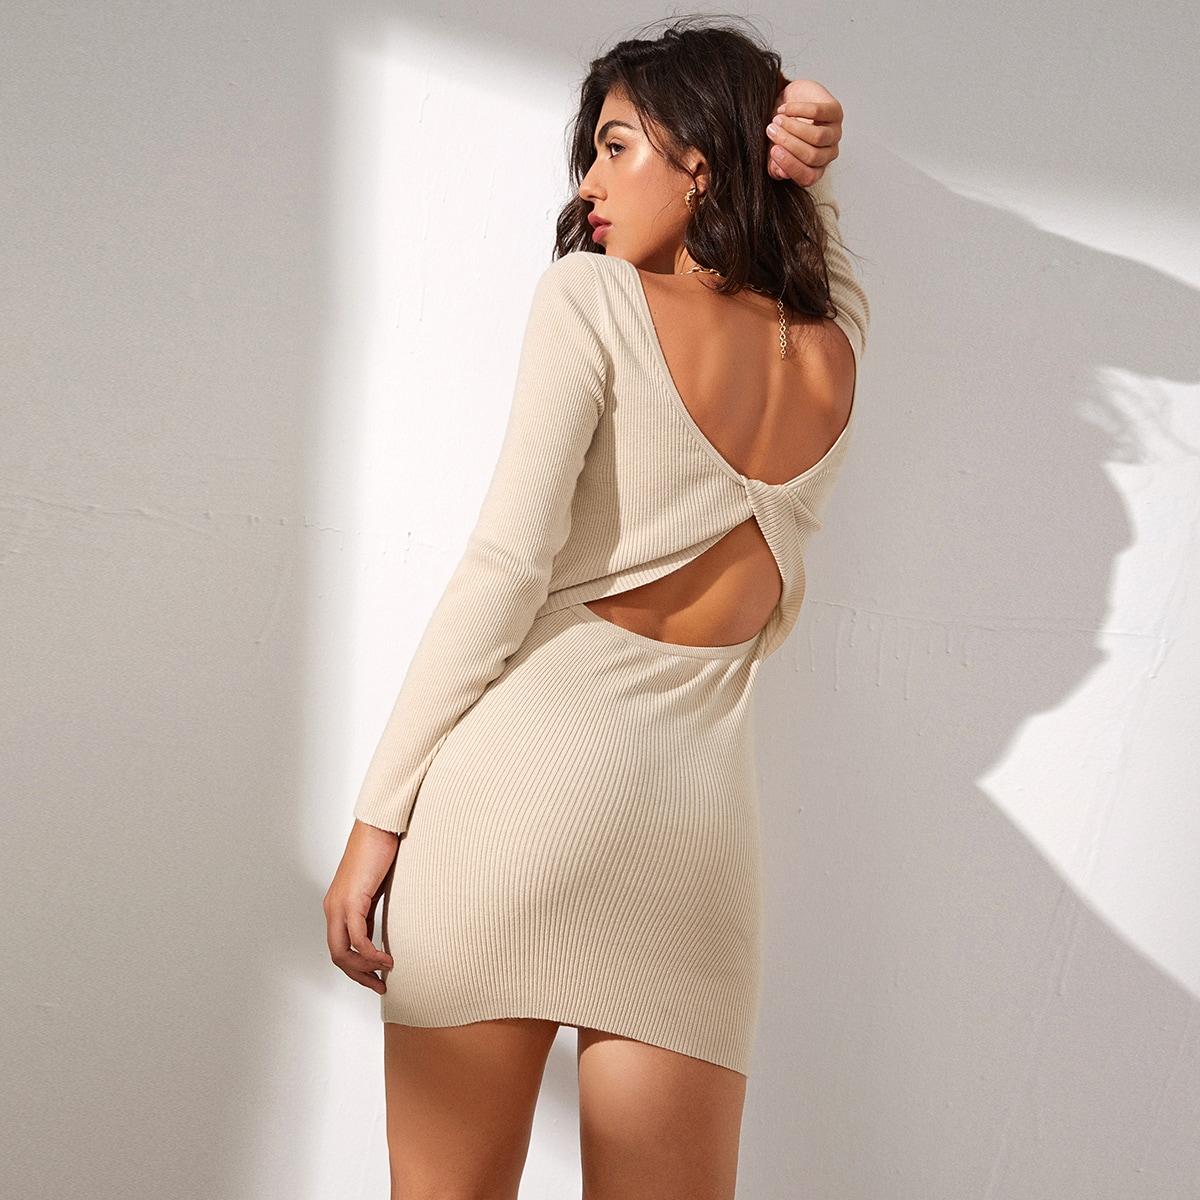 Однотонное облегающее трикотажное платье с открытой спиной и драпировкой